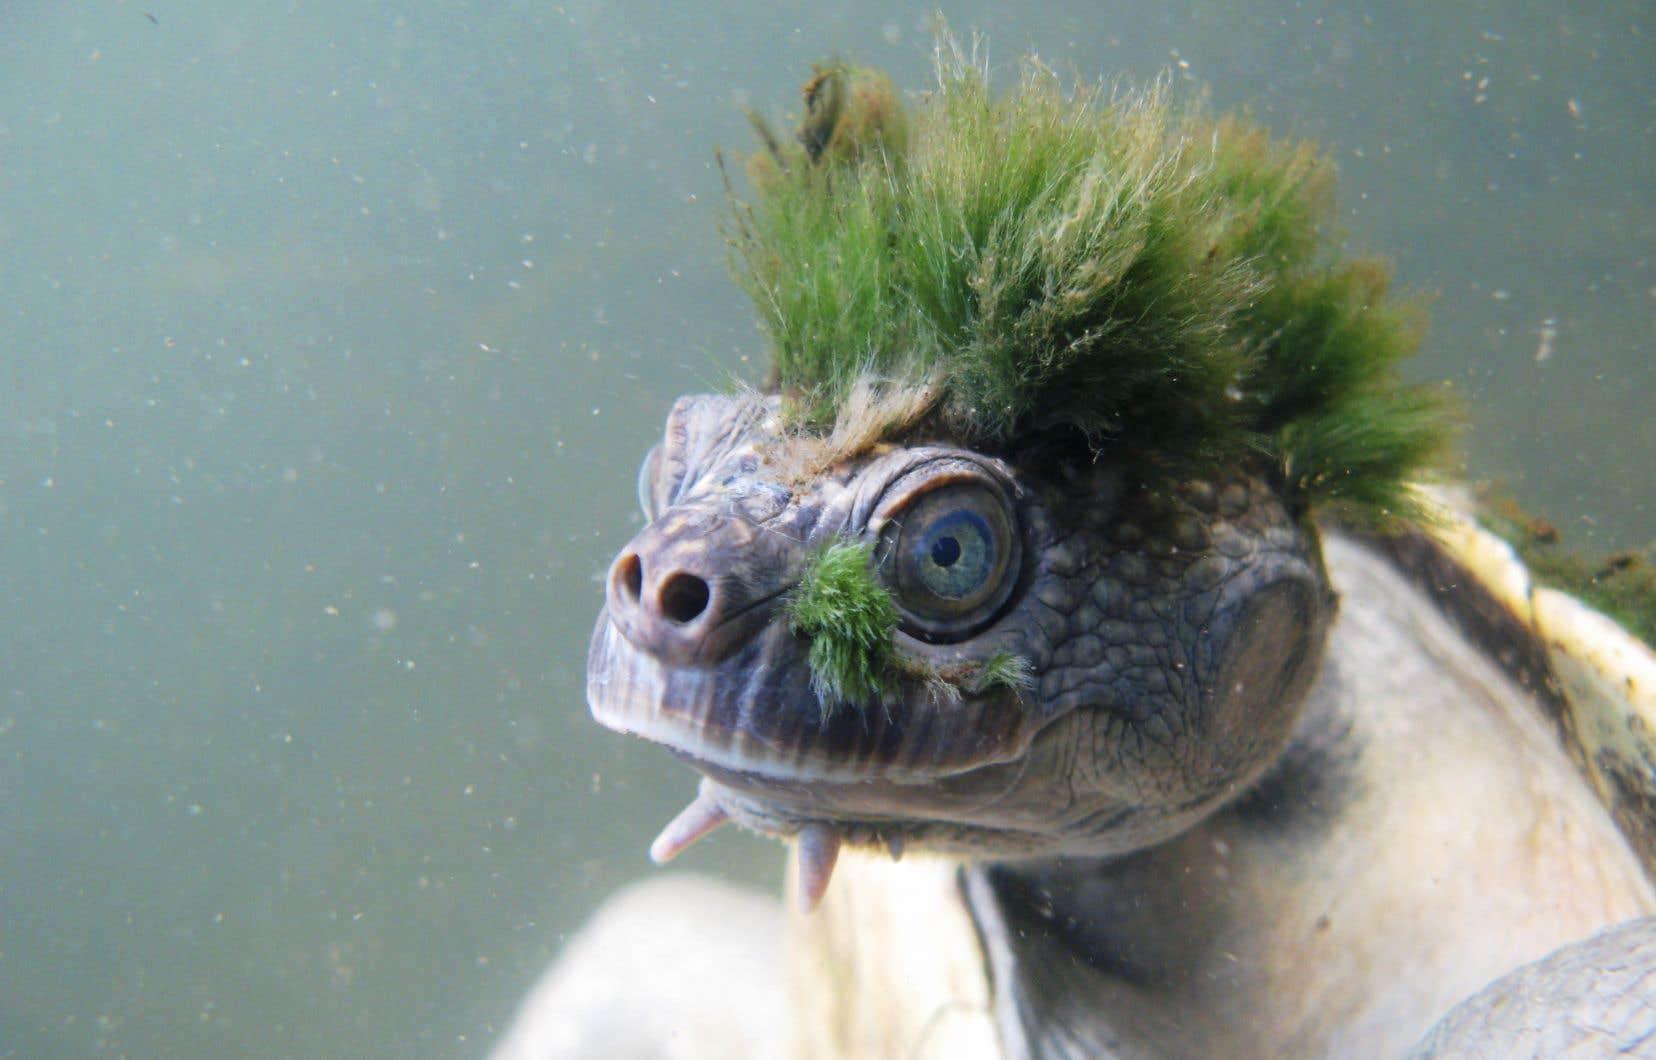 Certains individus de la tortue de la Mary River se retrouvent affublés d'une crête verte fluorescente composée d'algues.